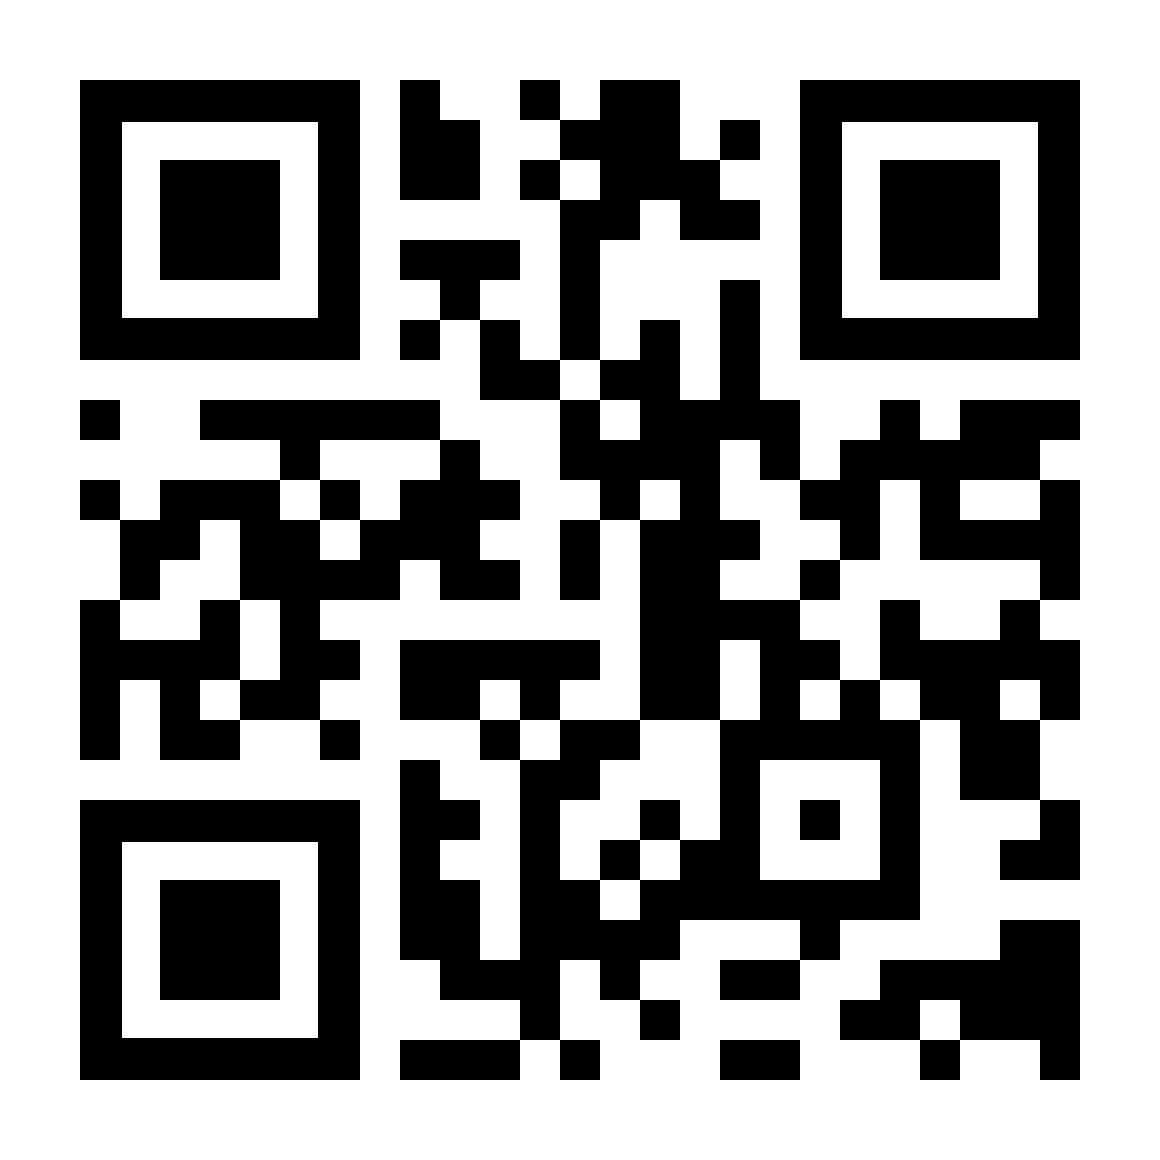 QR-Code zum einscannen mit dem Smartphone